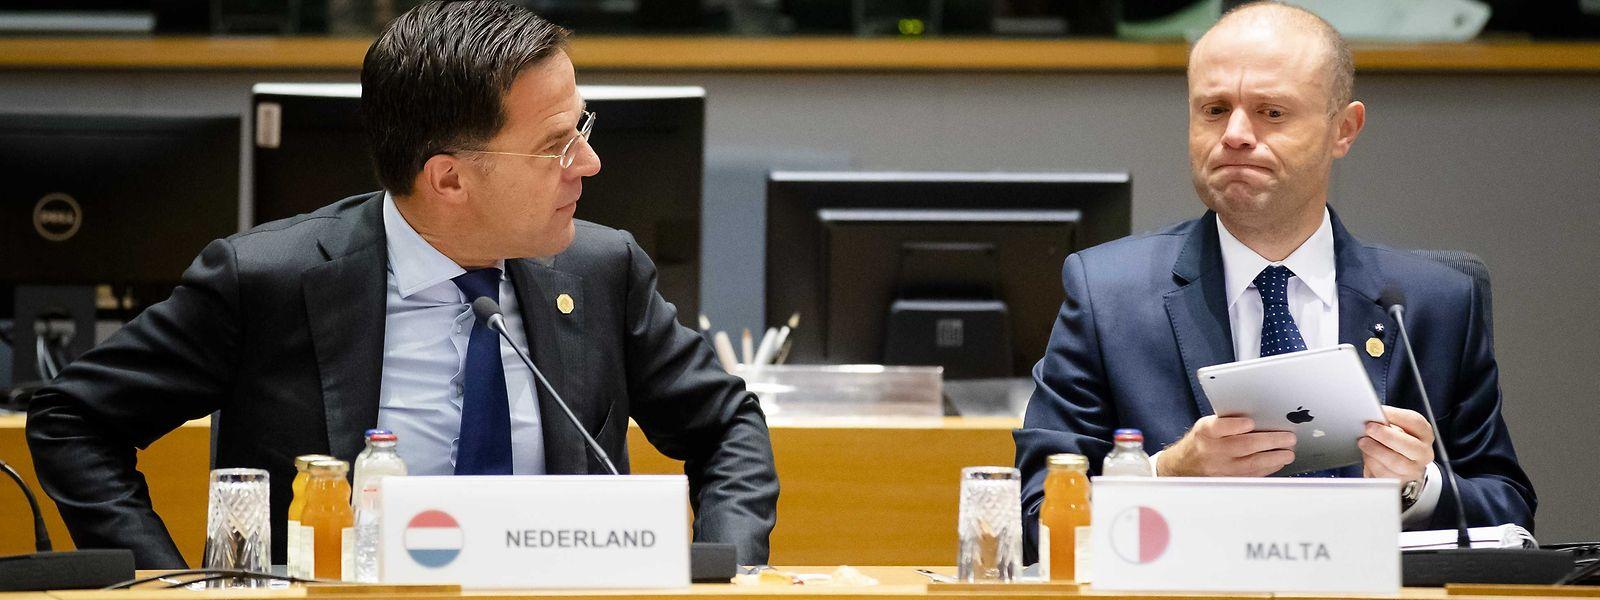 """""""Ich werde ein Auge auf Malta haben"""": Der niederländische Ministerpräsident Mark Rutte (l.) redete Joseph Muscat, Premierminister von Malta, beim EU-Gipfel ins Gewissen."""